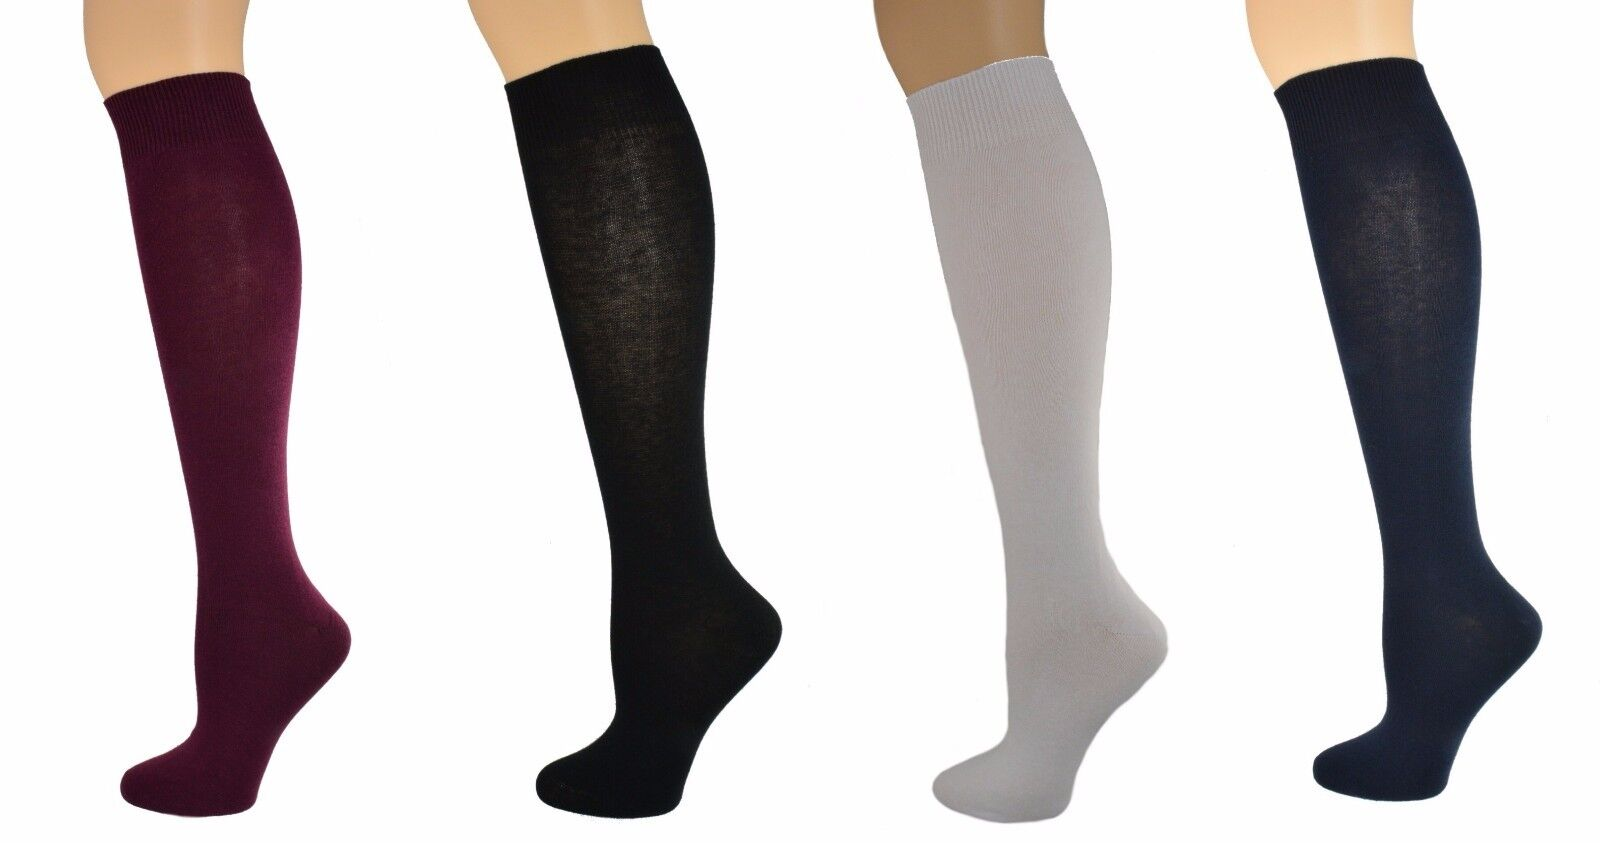 Sierra Socks Girl's School Uniform Knee High 3 pair Pack Cot